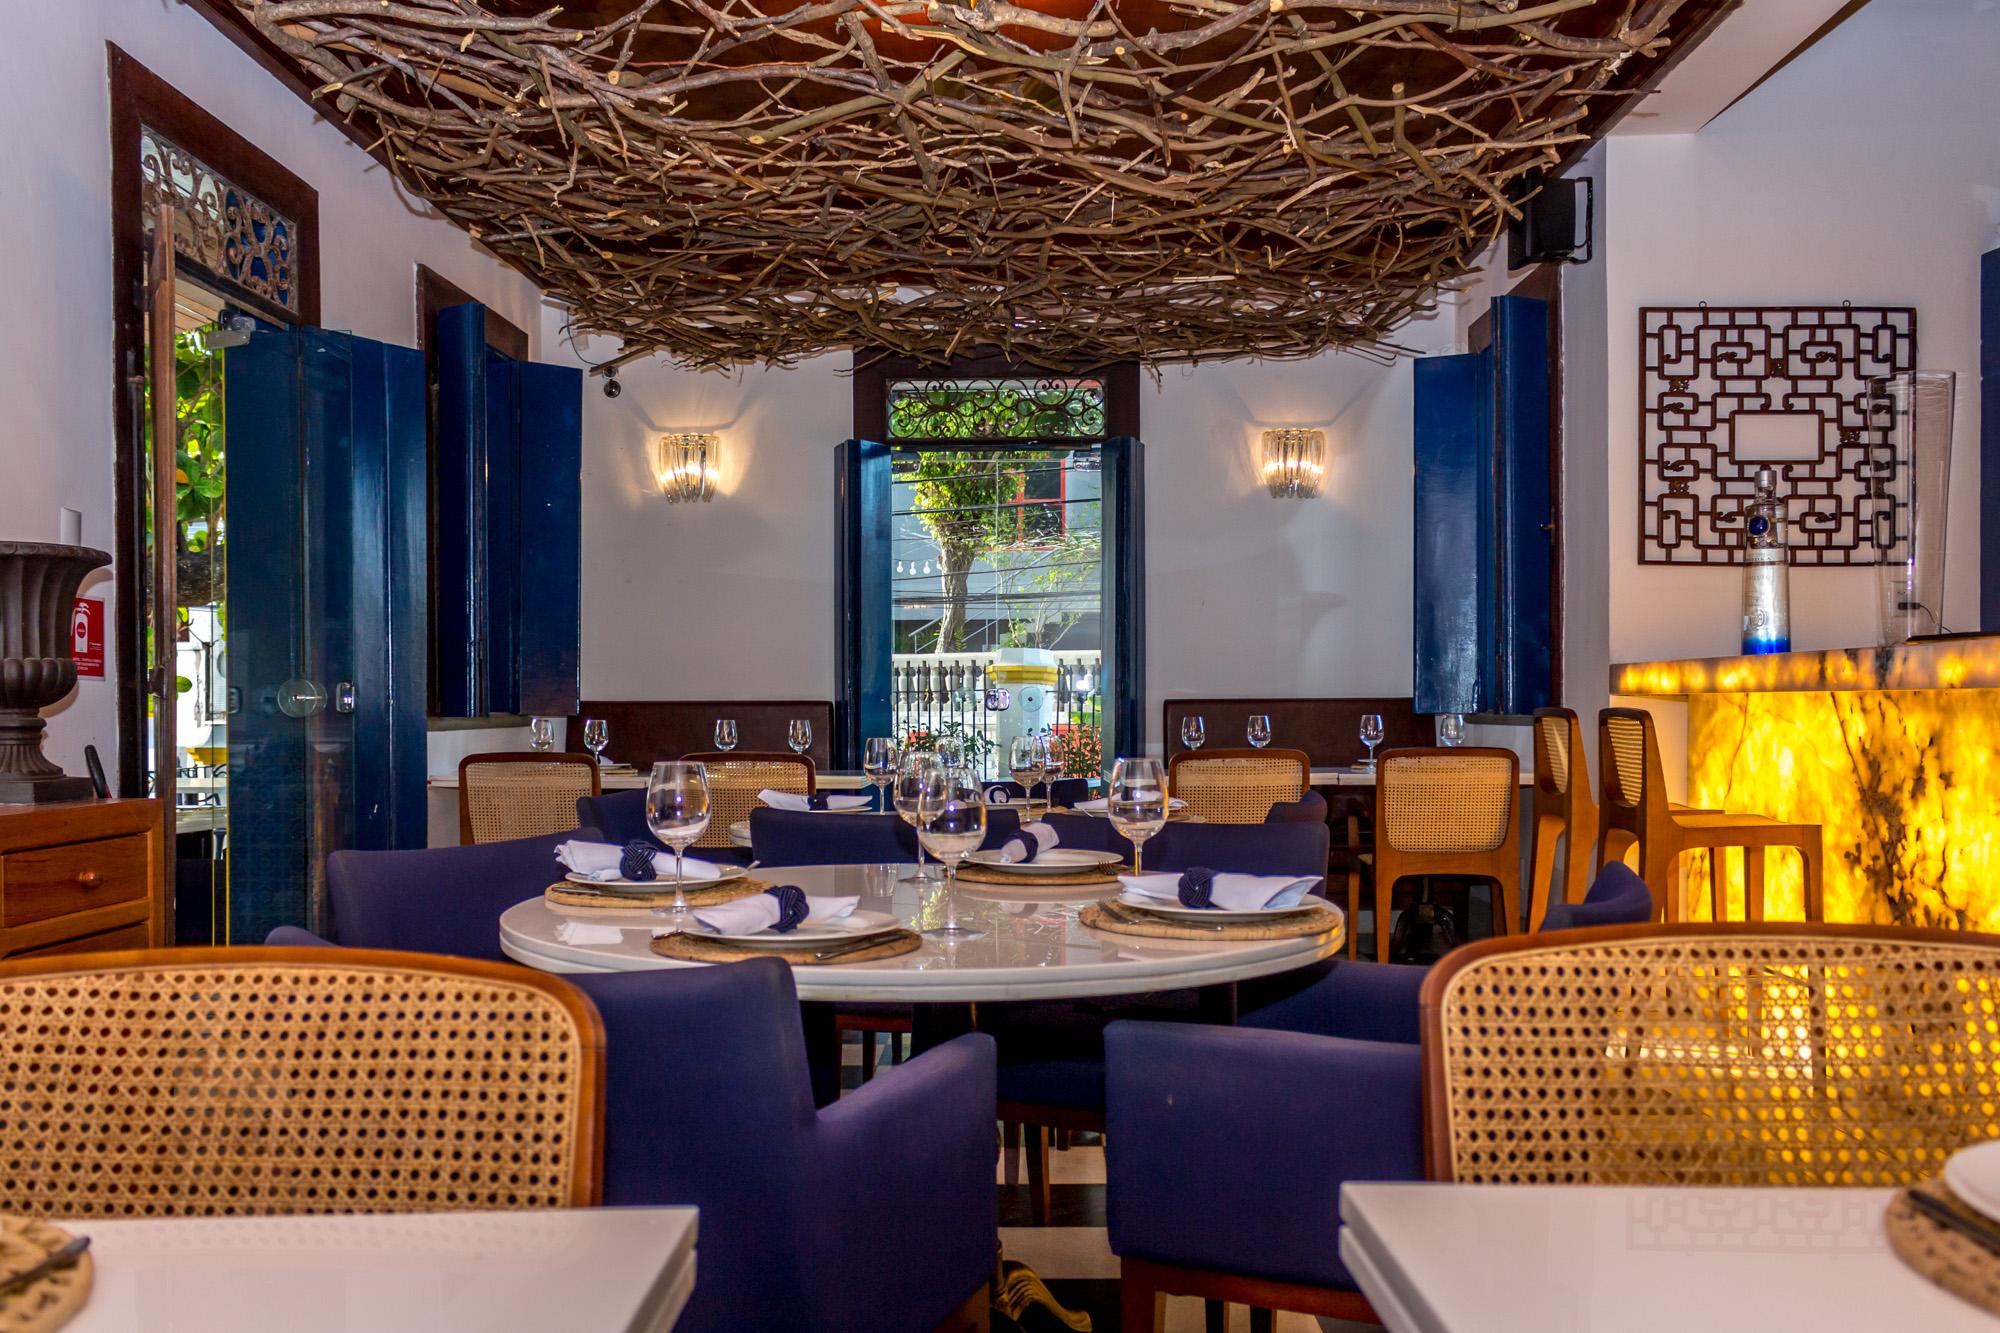 Restaurante Almendra - Foto Divulgação (2)